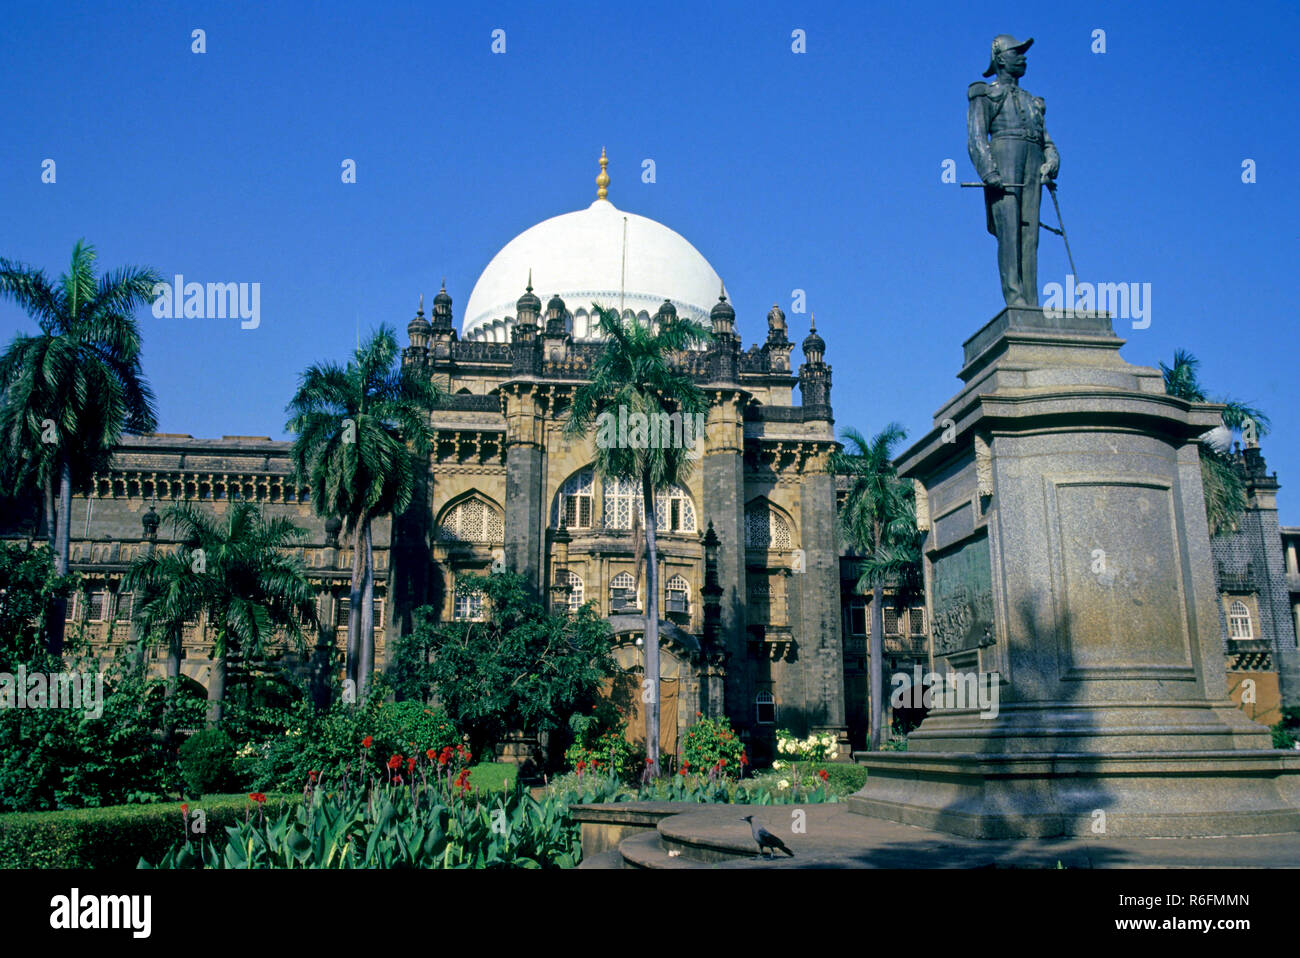 Prince of Wales Museum, Bombay Mumbai, Maharashtra, India - Stock Image